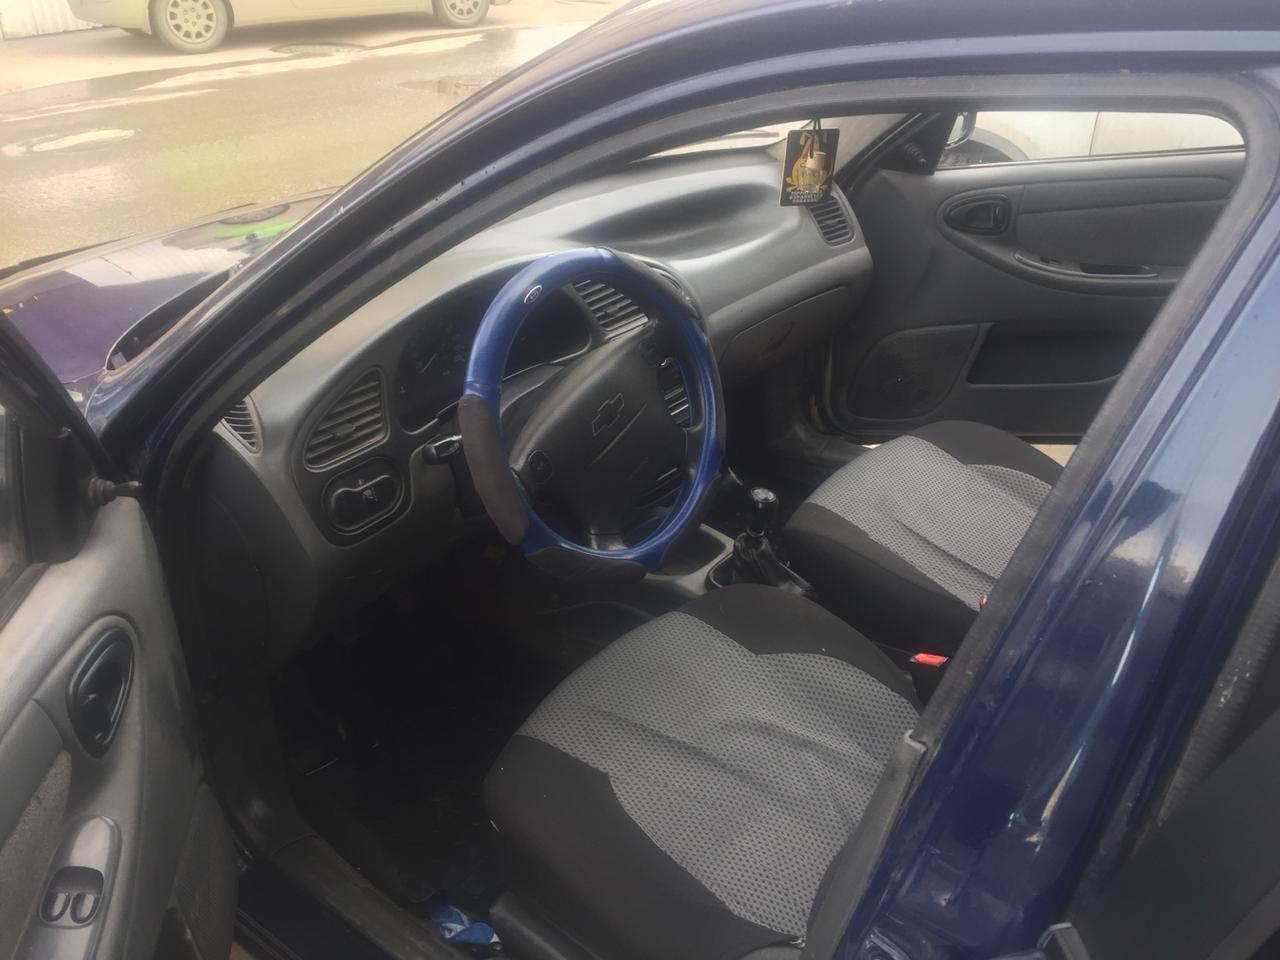 Chevrolet Lanos 2008 г.в. г.Уфа - фото 2